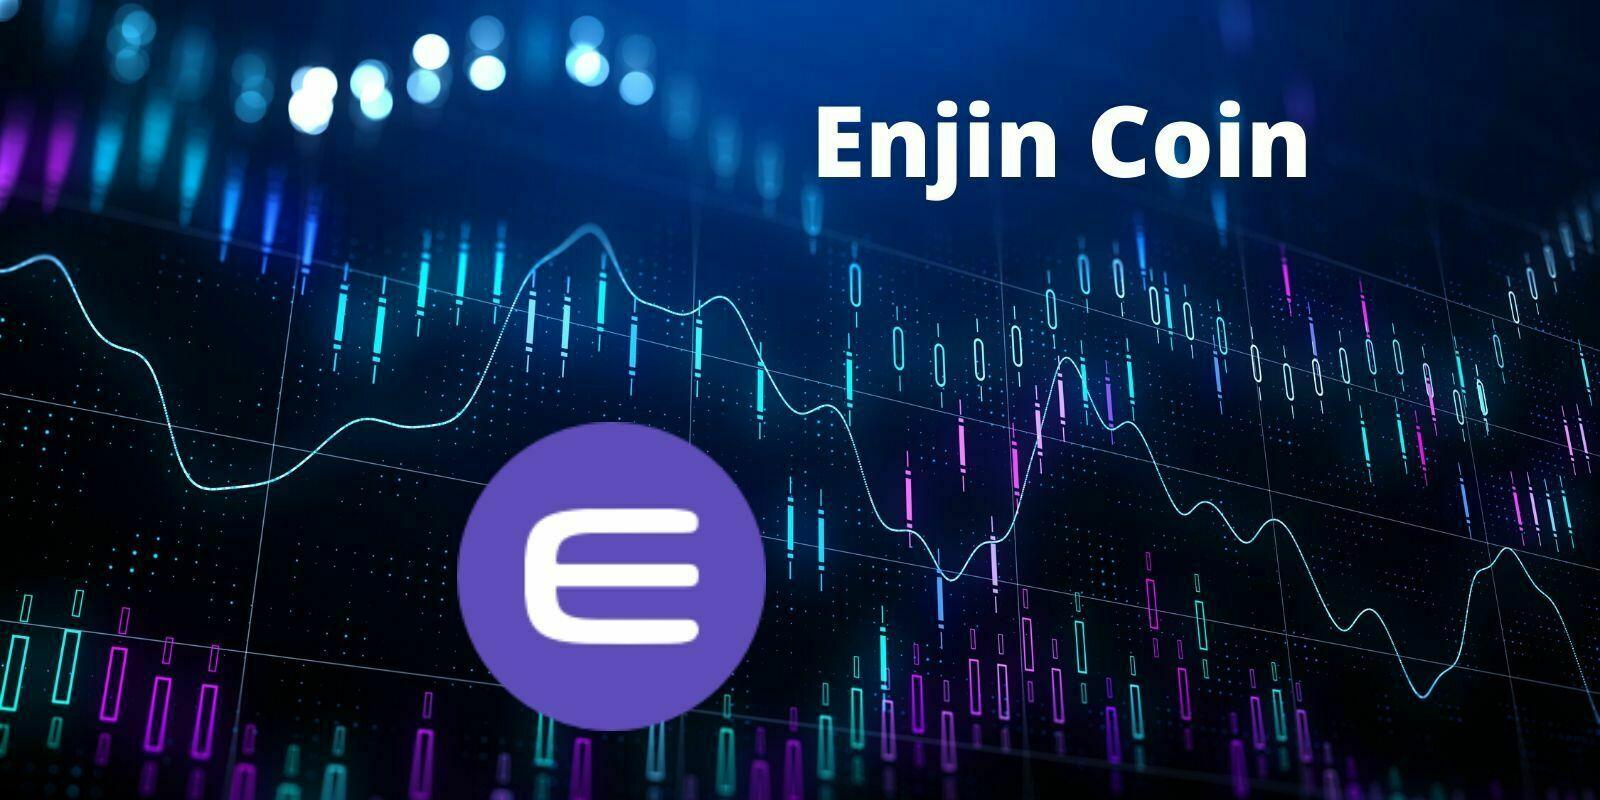 Pourquoi le prix de la crypto Enjin (ENJ) a fortement augmenté et est-ce que cela va continuer ?